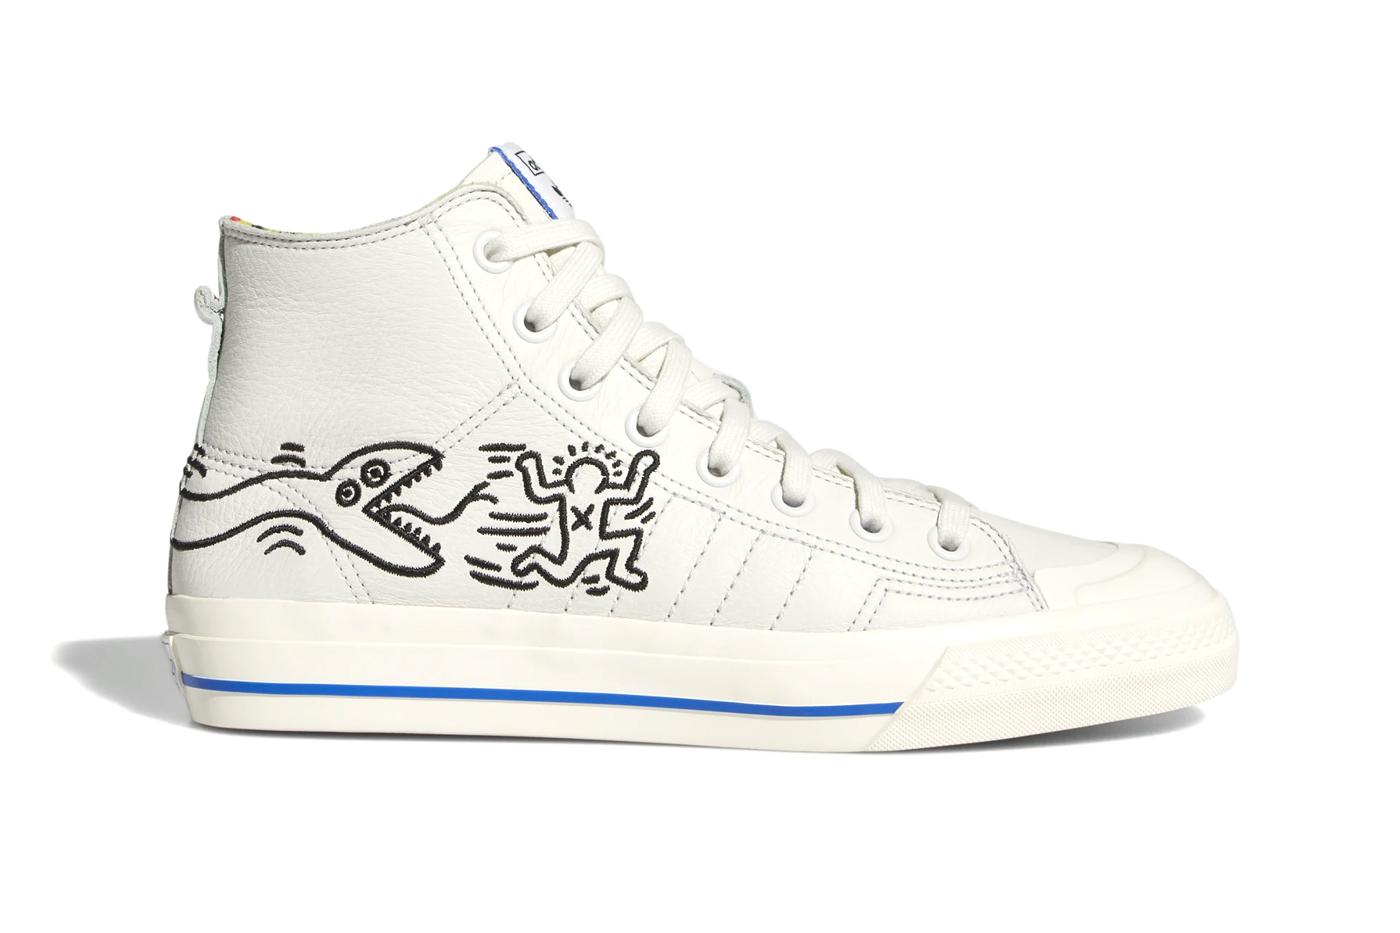 Blancas Y Azul Claro Adidas Adornar Originals Stan Smith